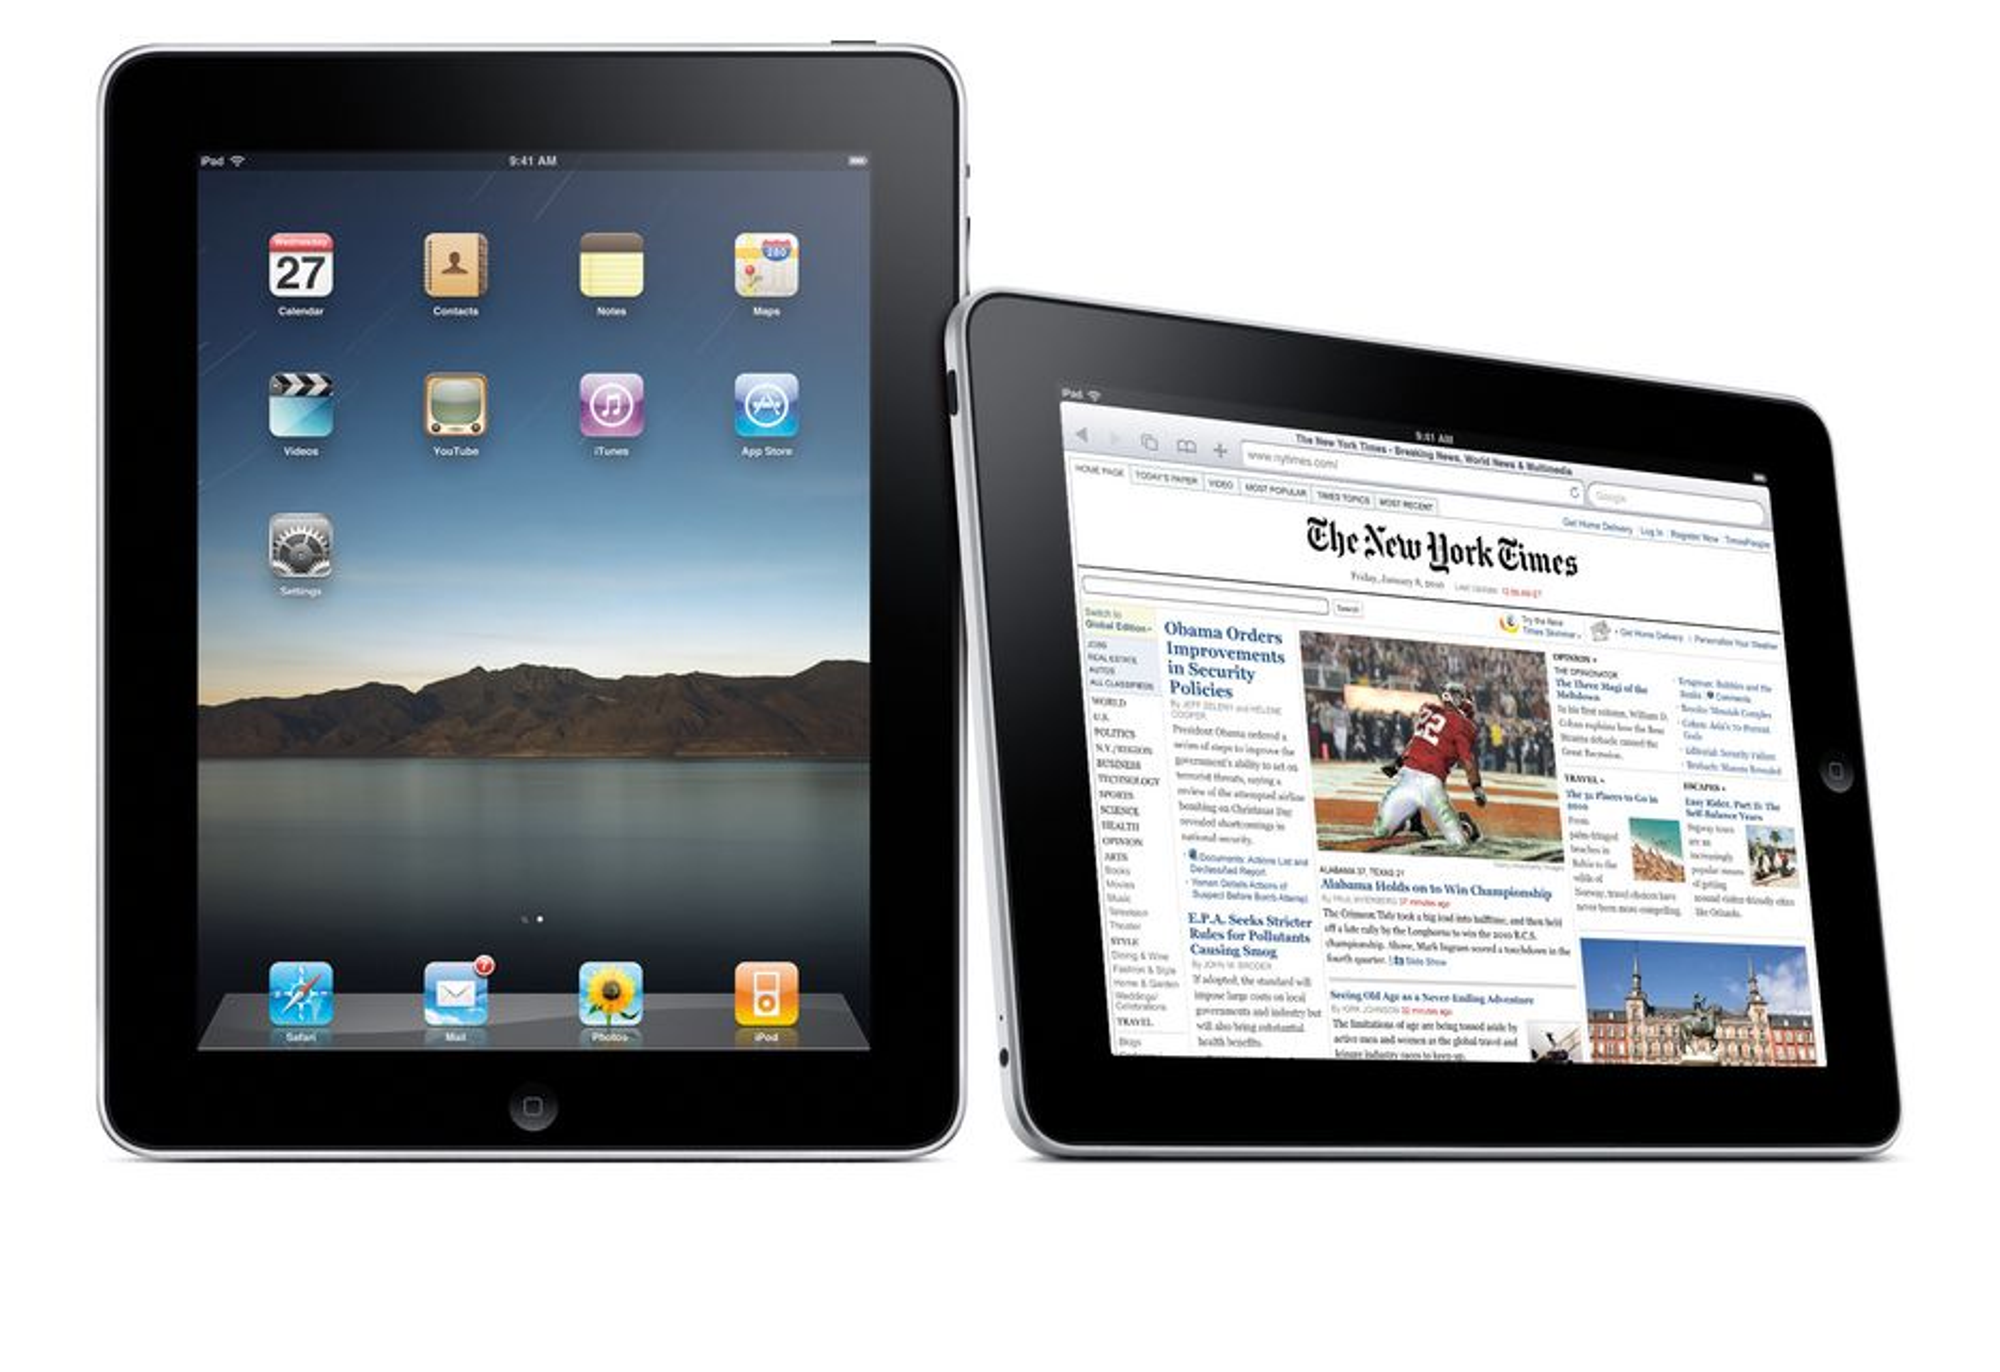 iPad kommer til utvalgte europeiske land i slutten av mai, men Norge eller Norden er foreløpig ikke nevnt med et ord.